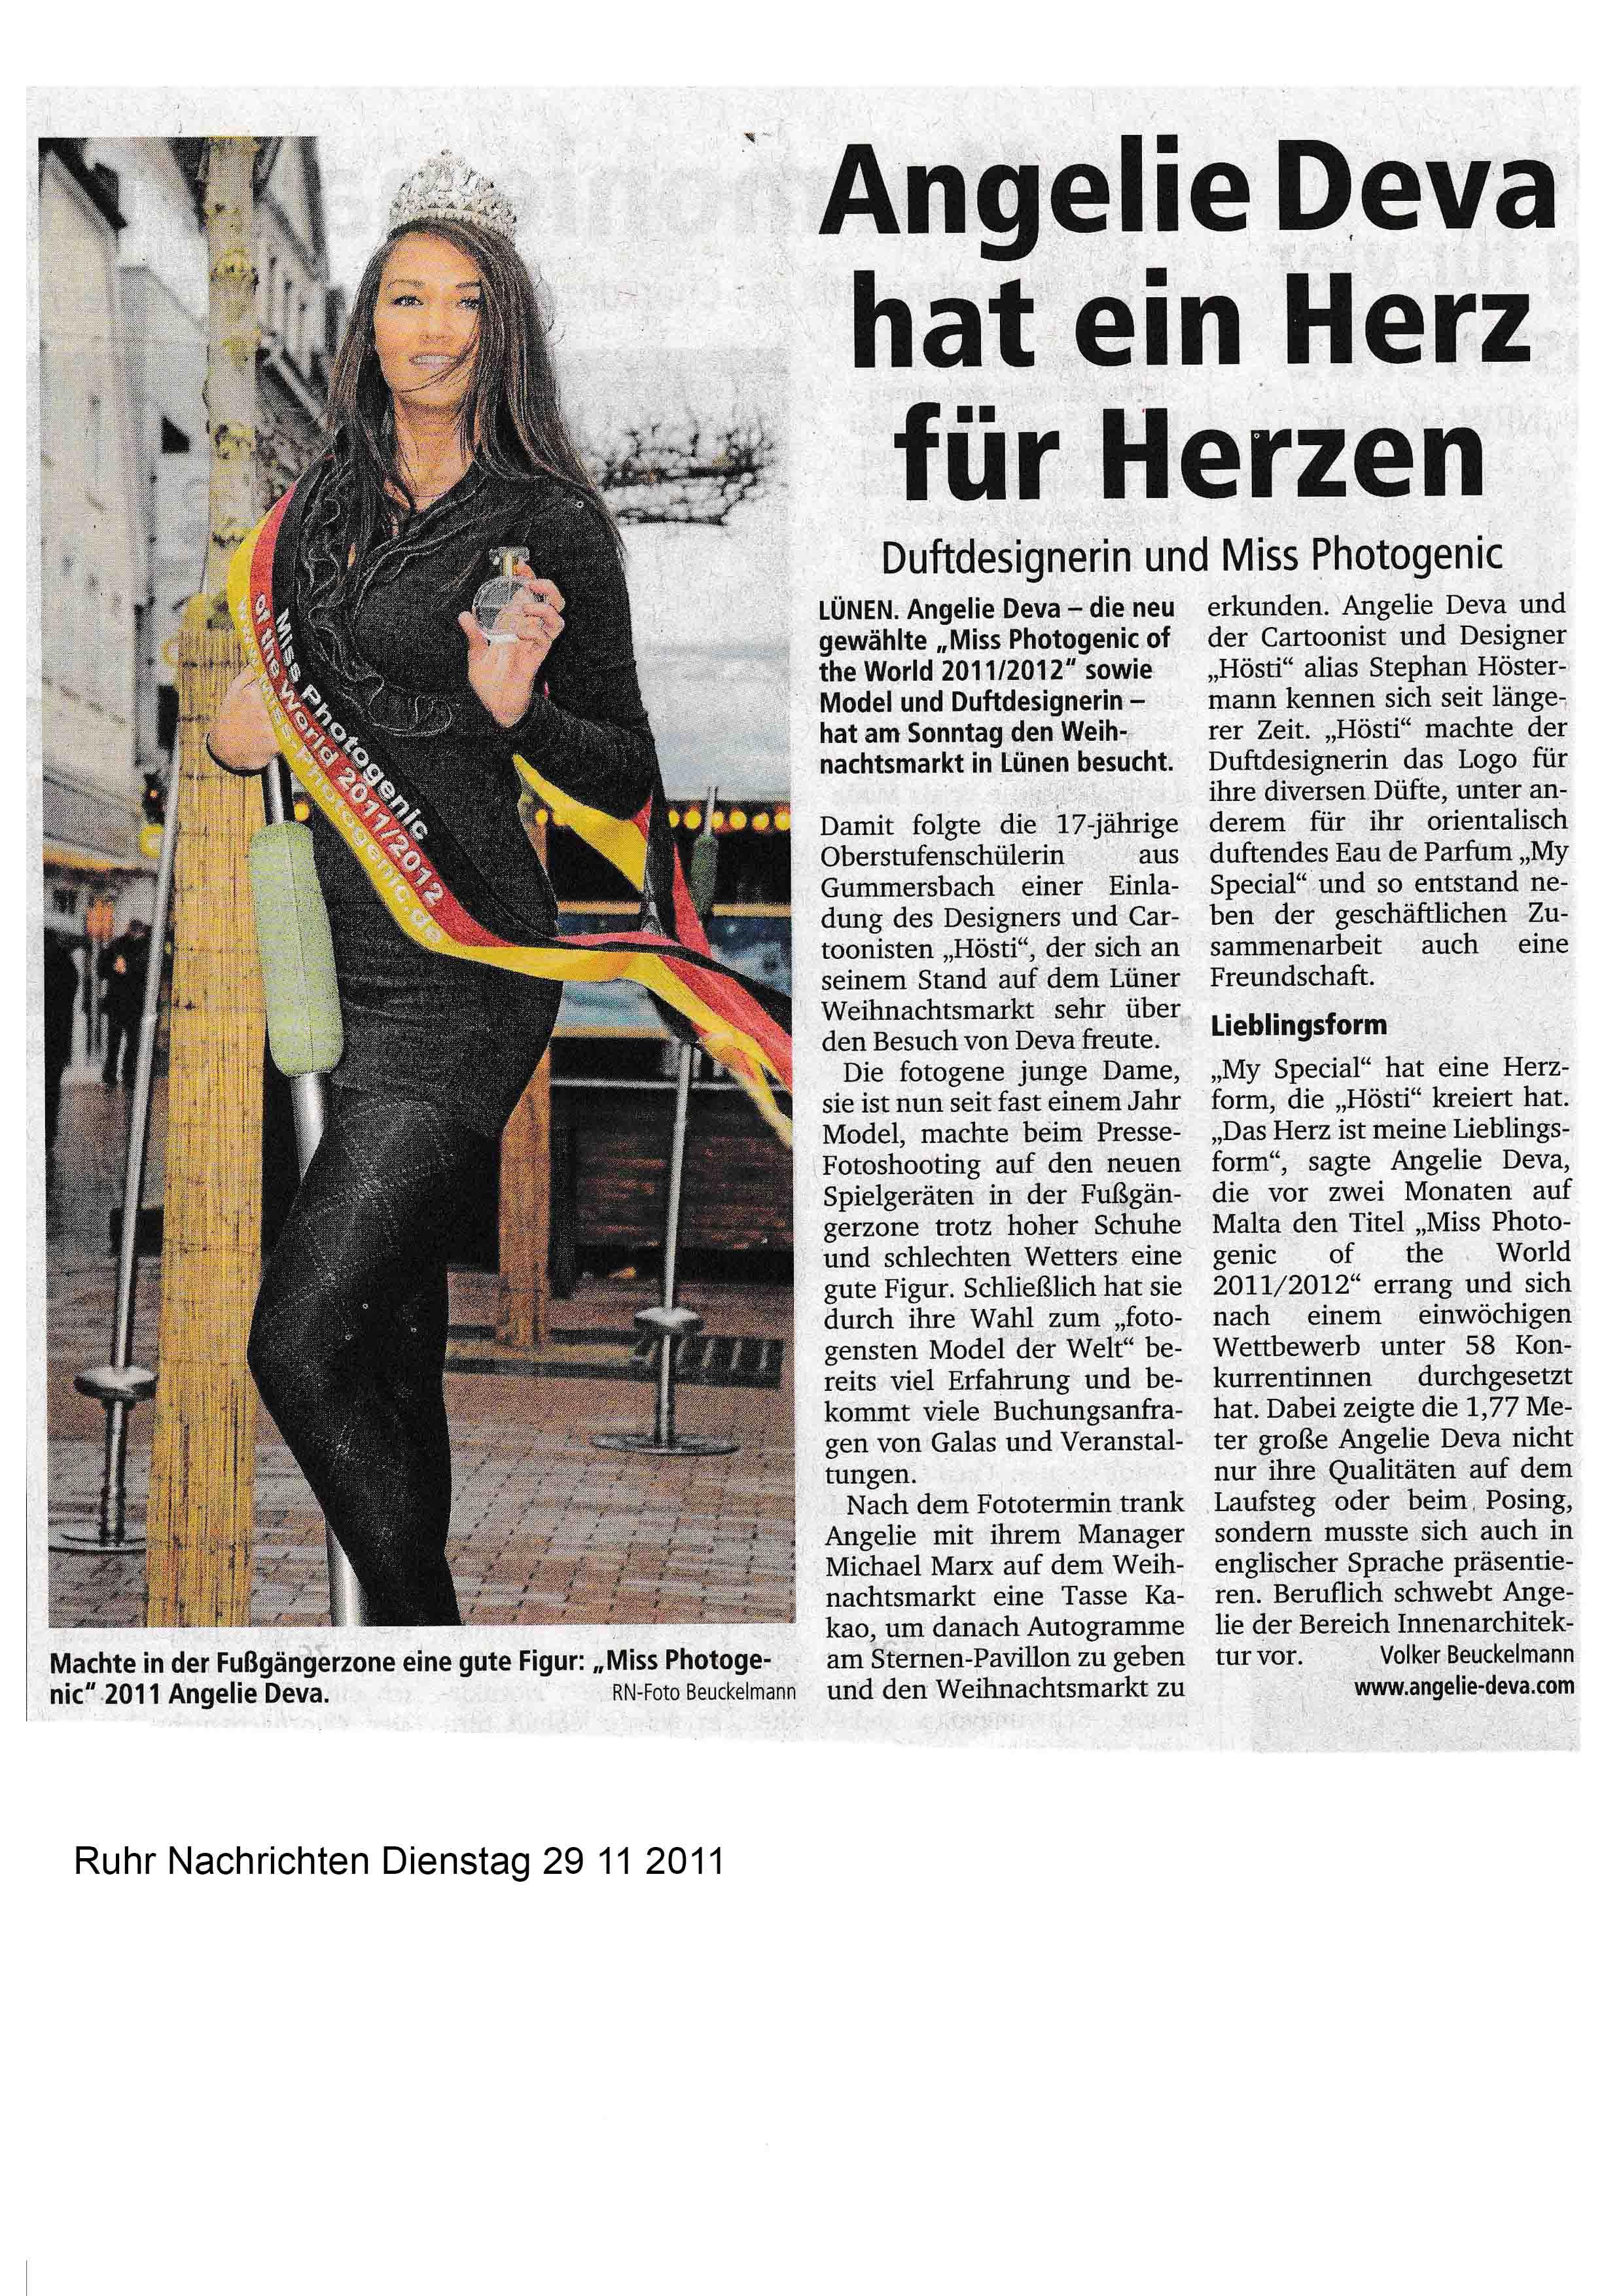 Ruhr Nachrichten Dienstag 29 11 2011